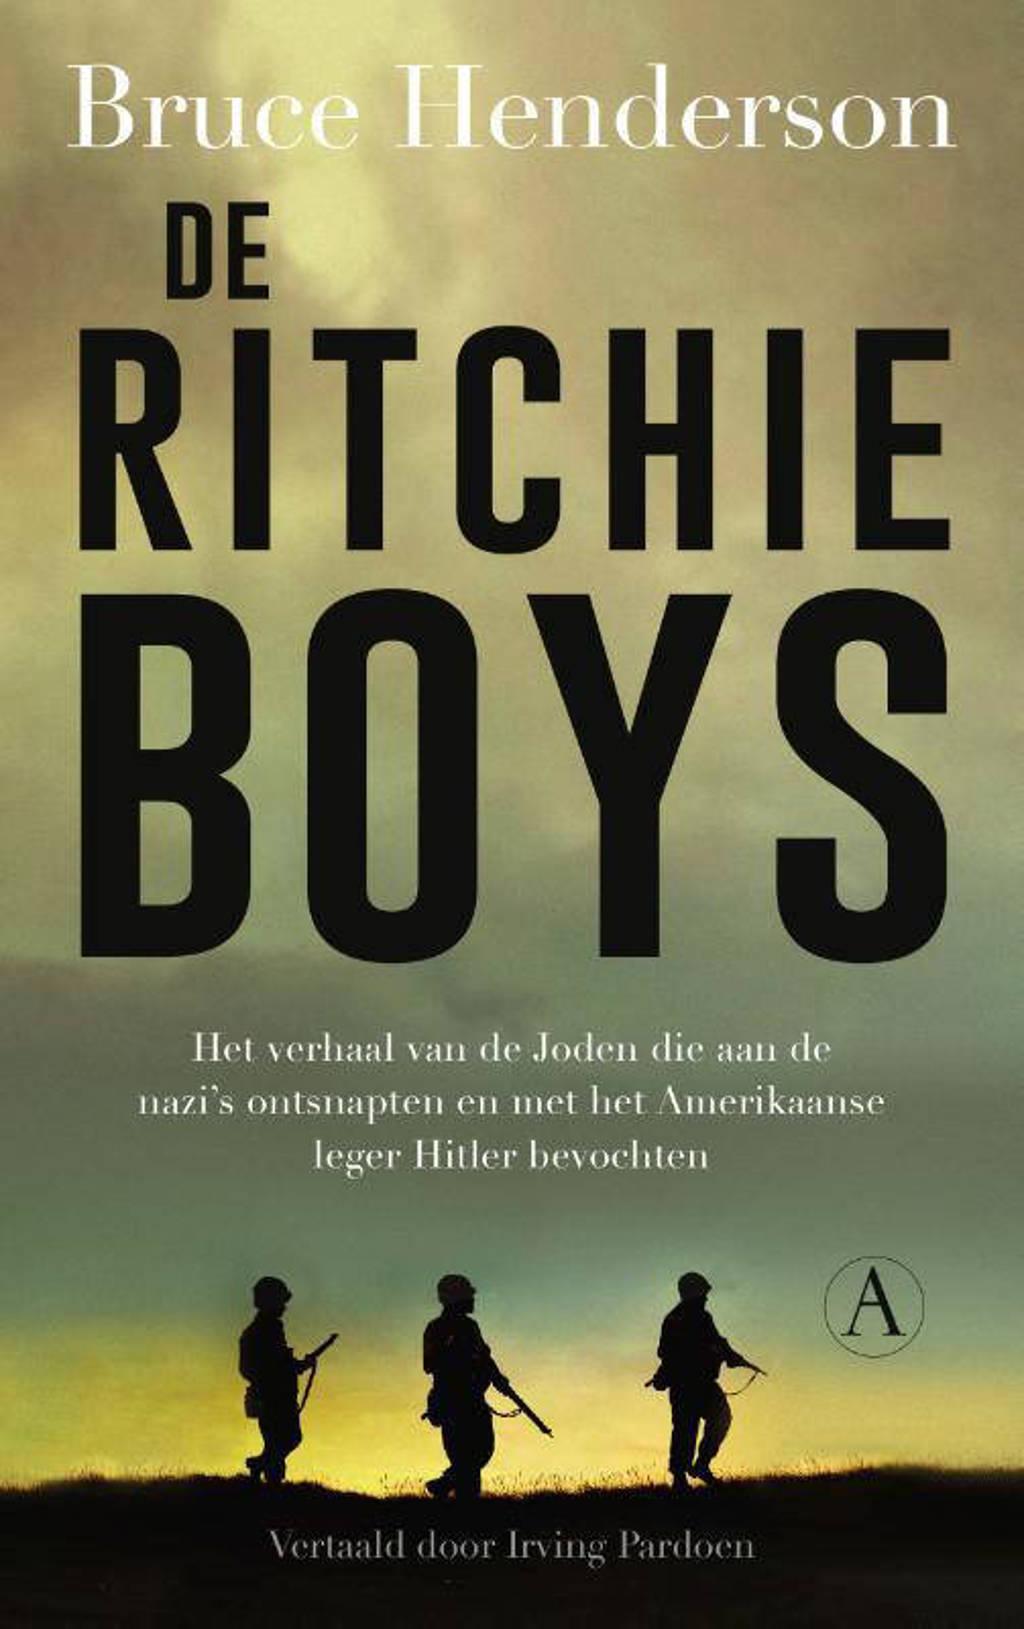 De Ritchie-boys - Bruce Henderson